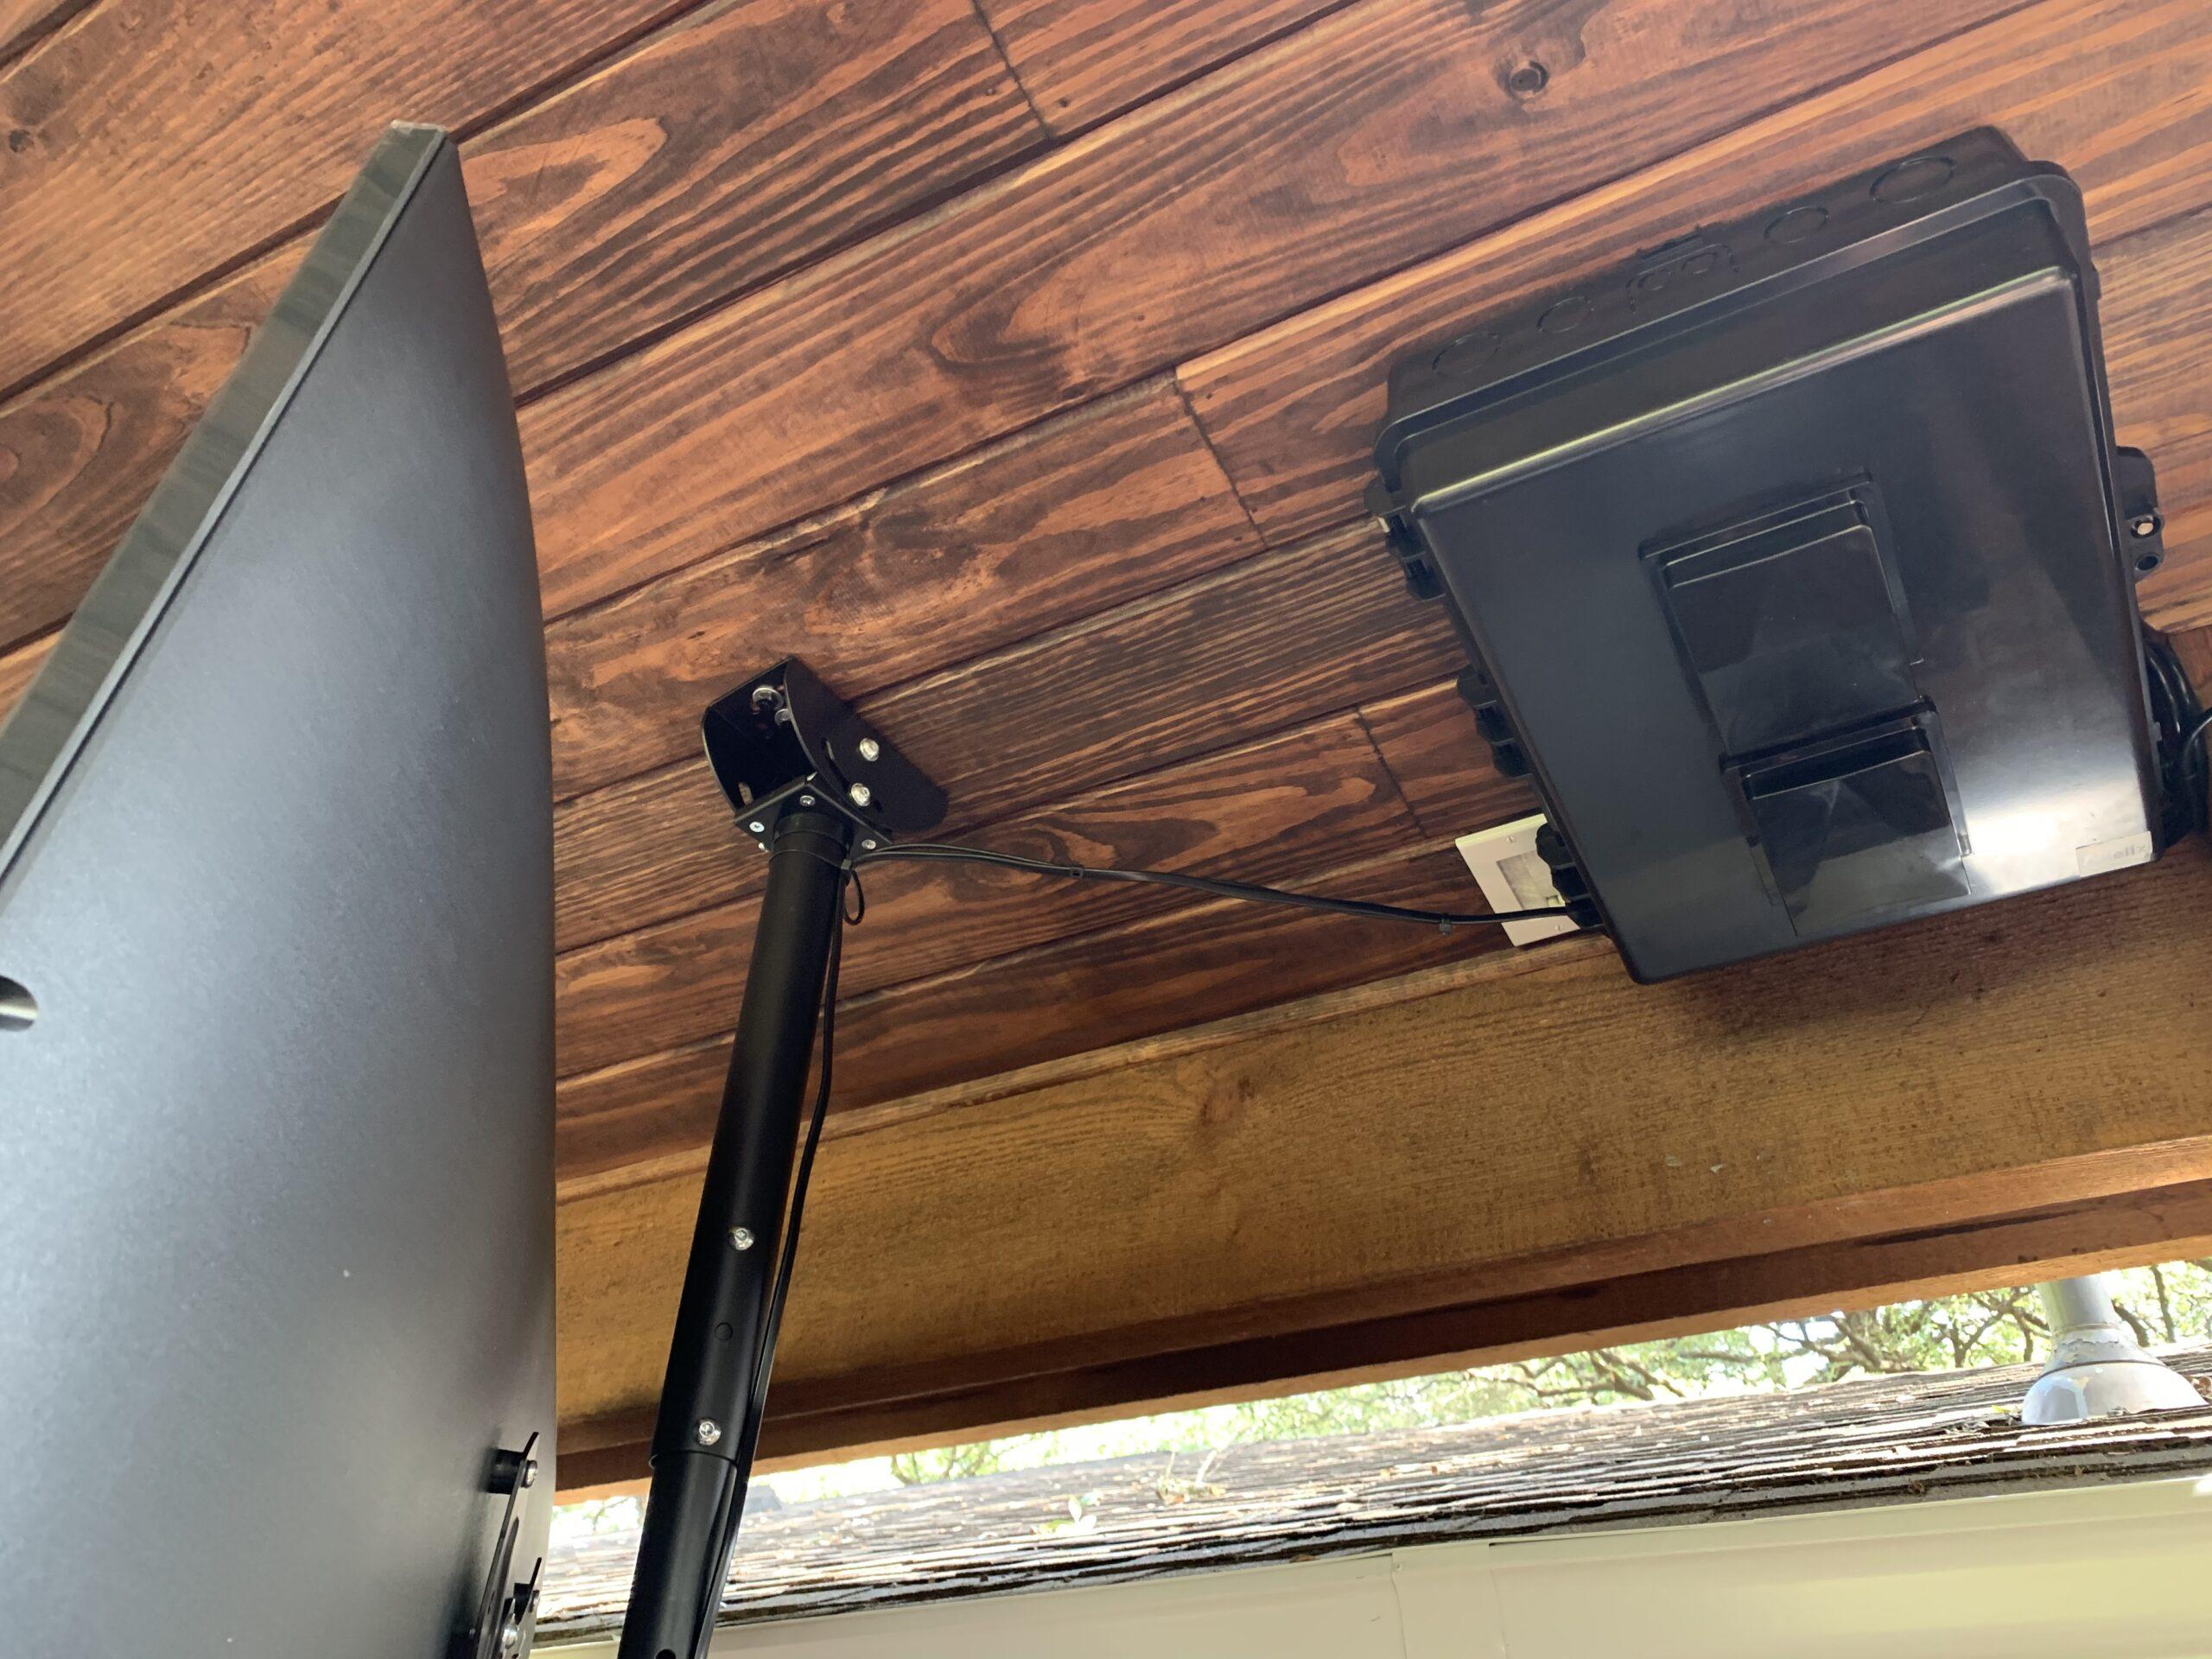 Outdoor weatherproof audio video distribution